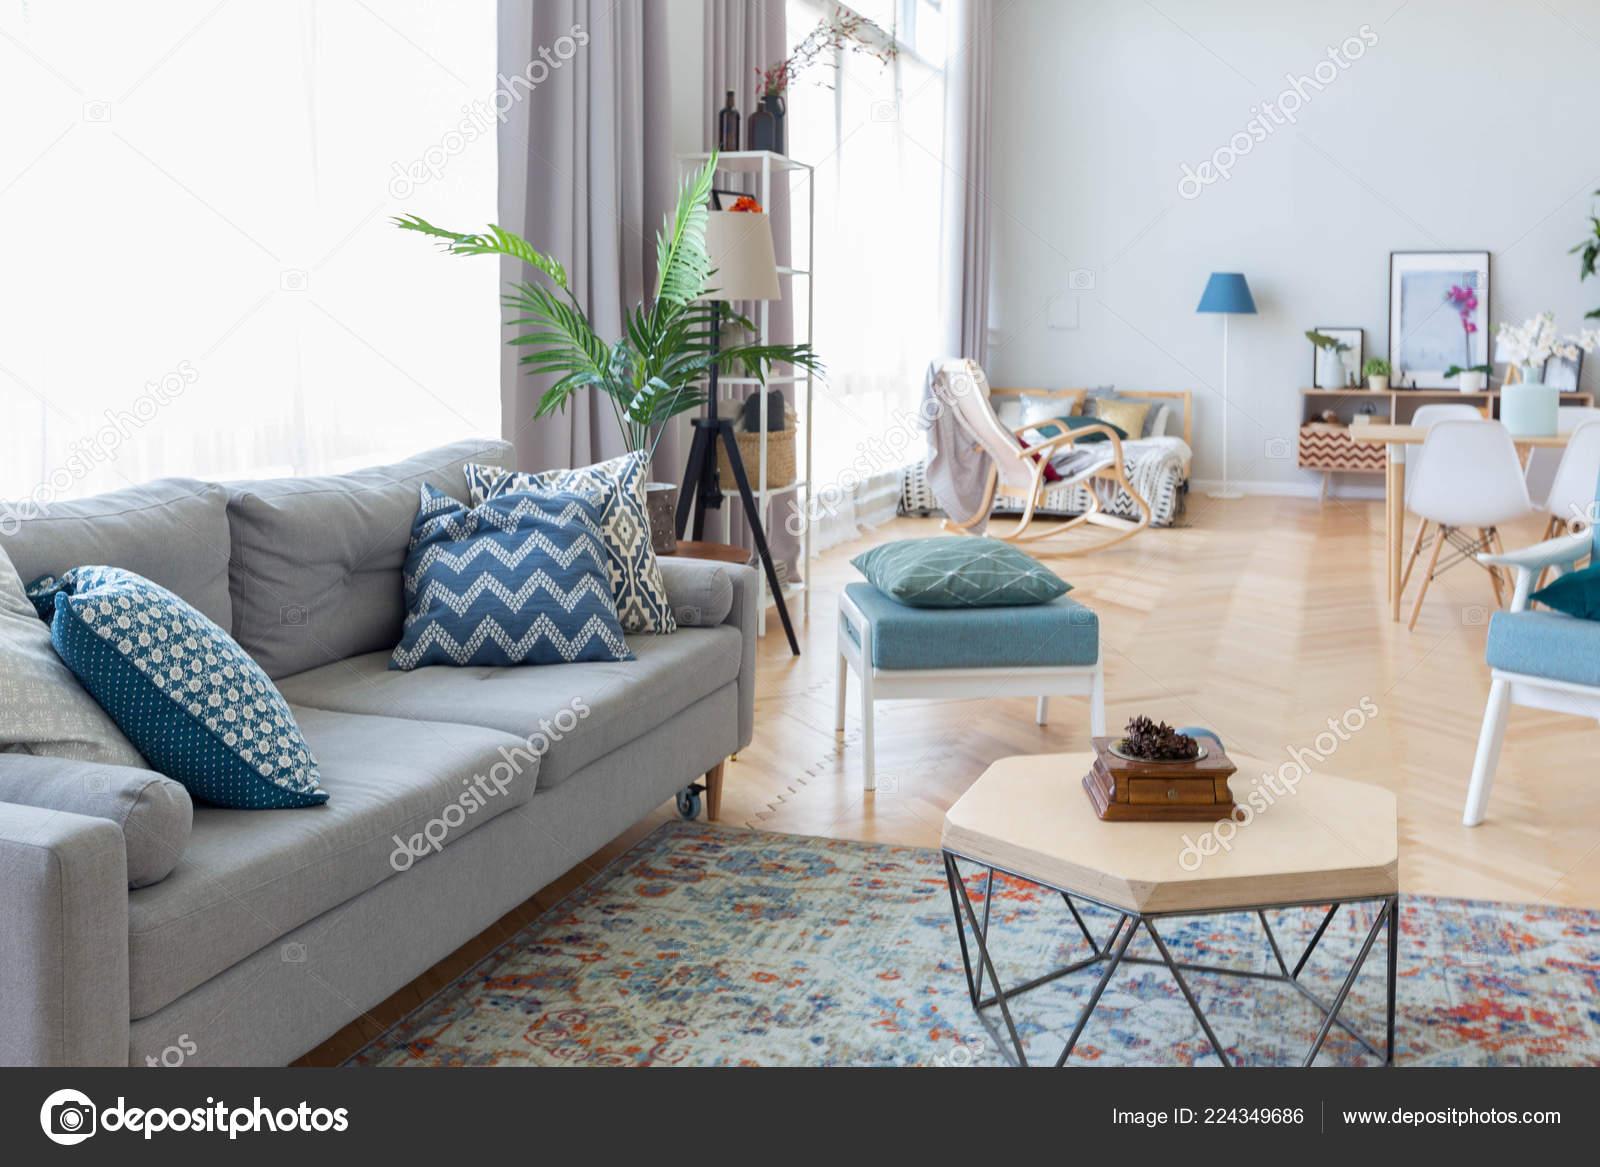 Arredamento Moderno Colorato.Arredamento Moderno Studio Appartamento Con Mobili Colorati